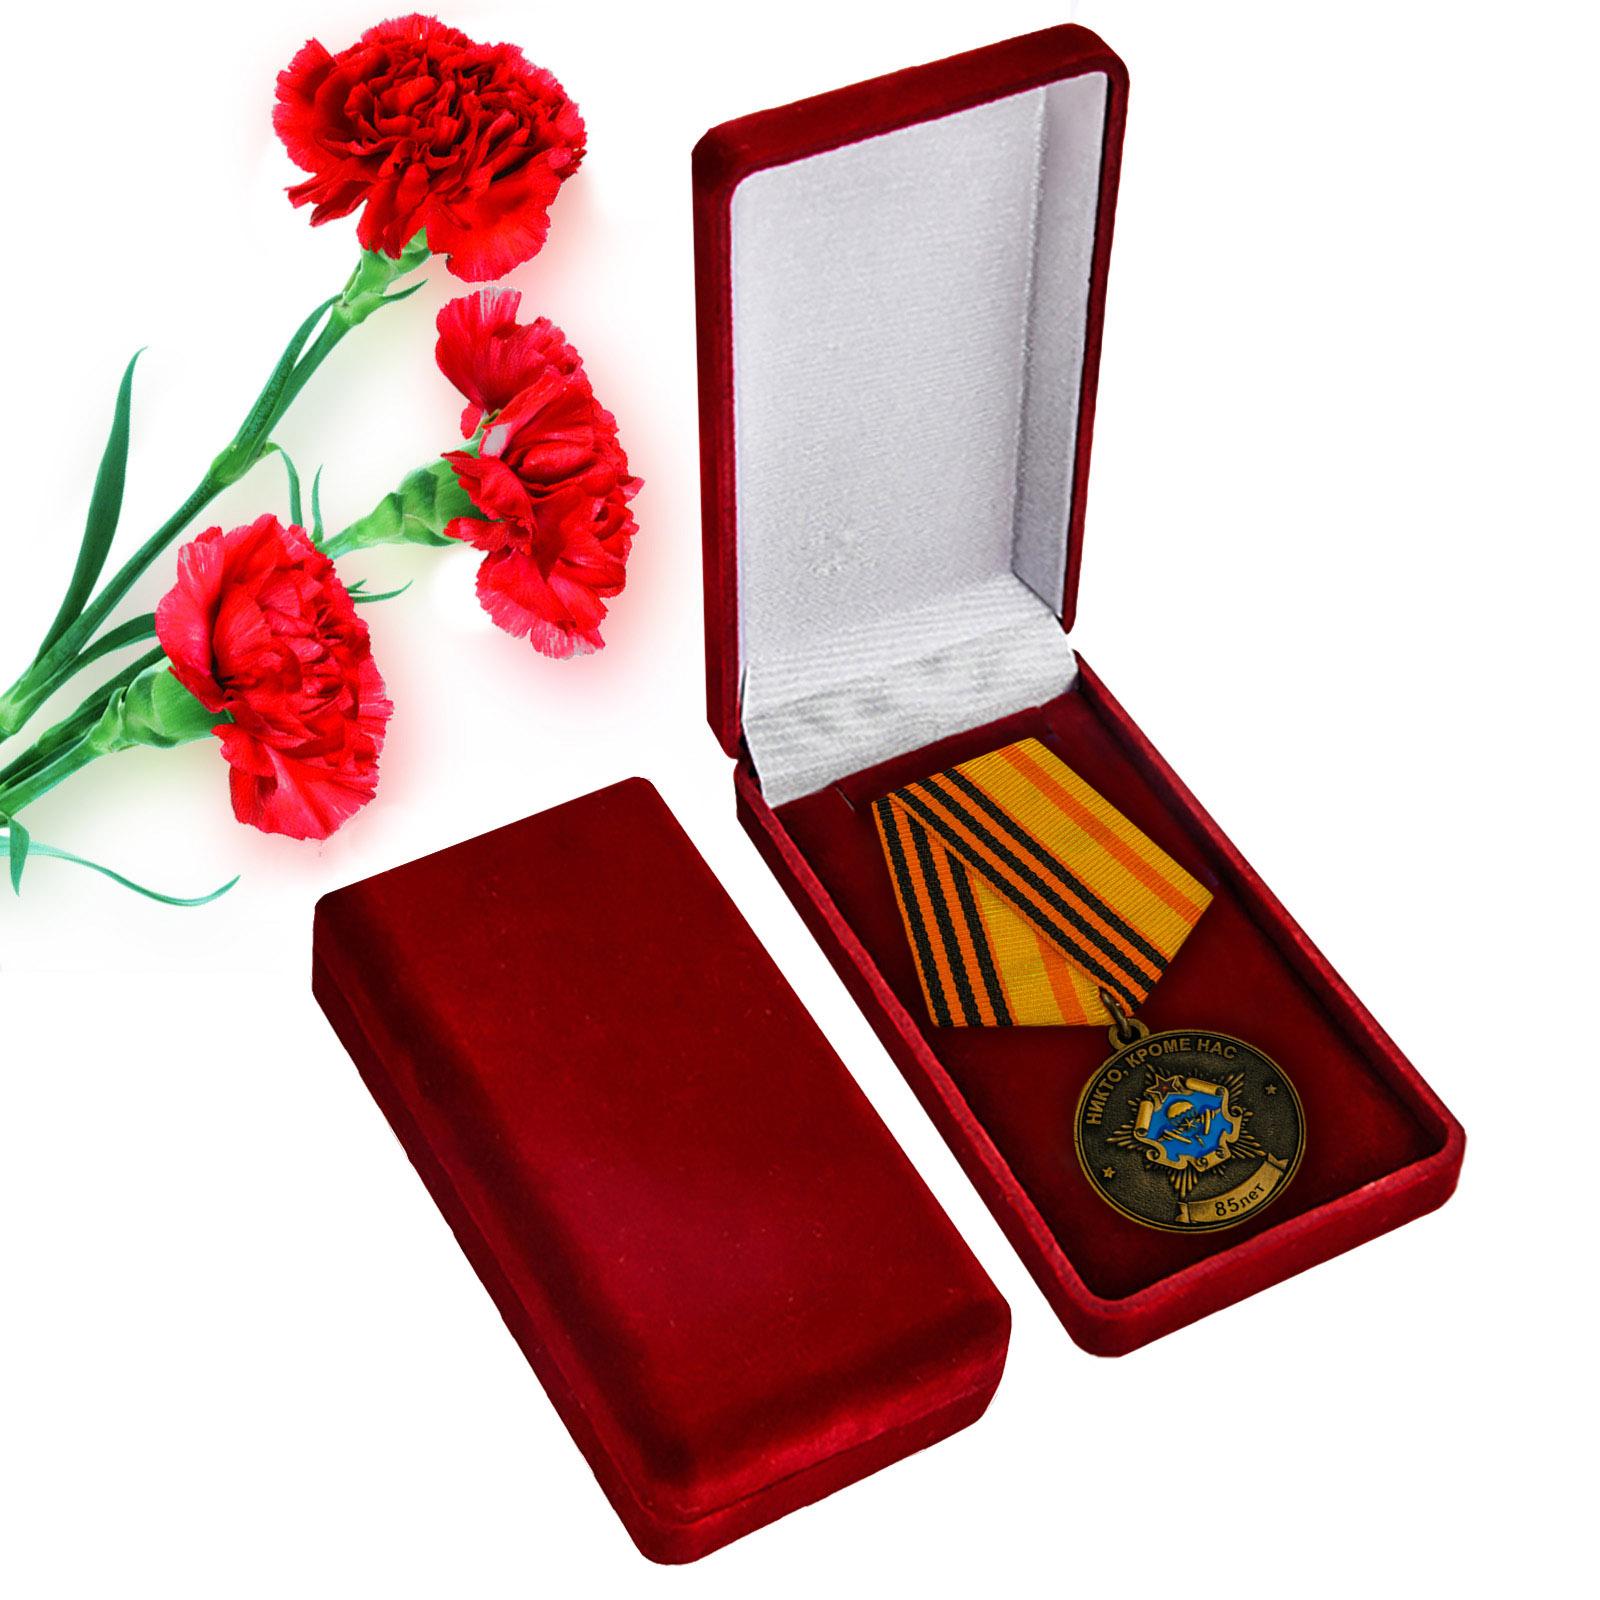 Купить памятную медаль От ВДВ СССР Силам Специальных операций Республики Беларусь в подарок